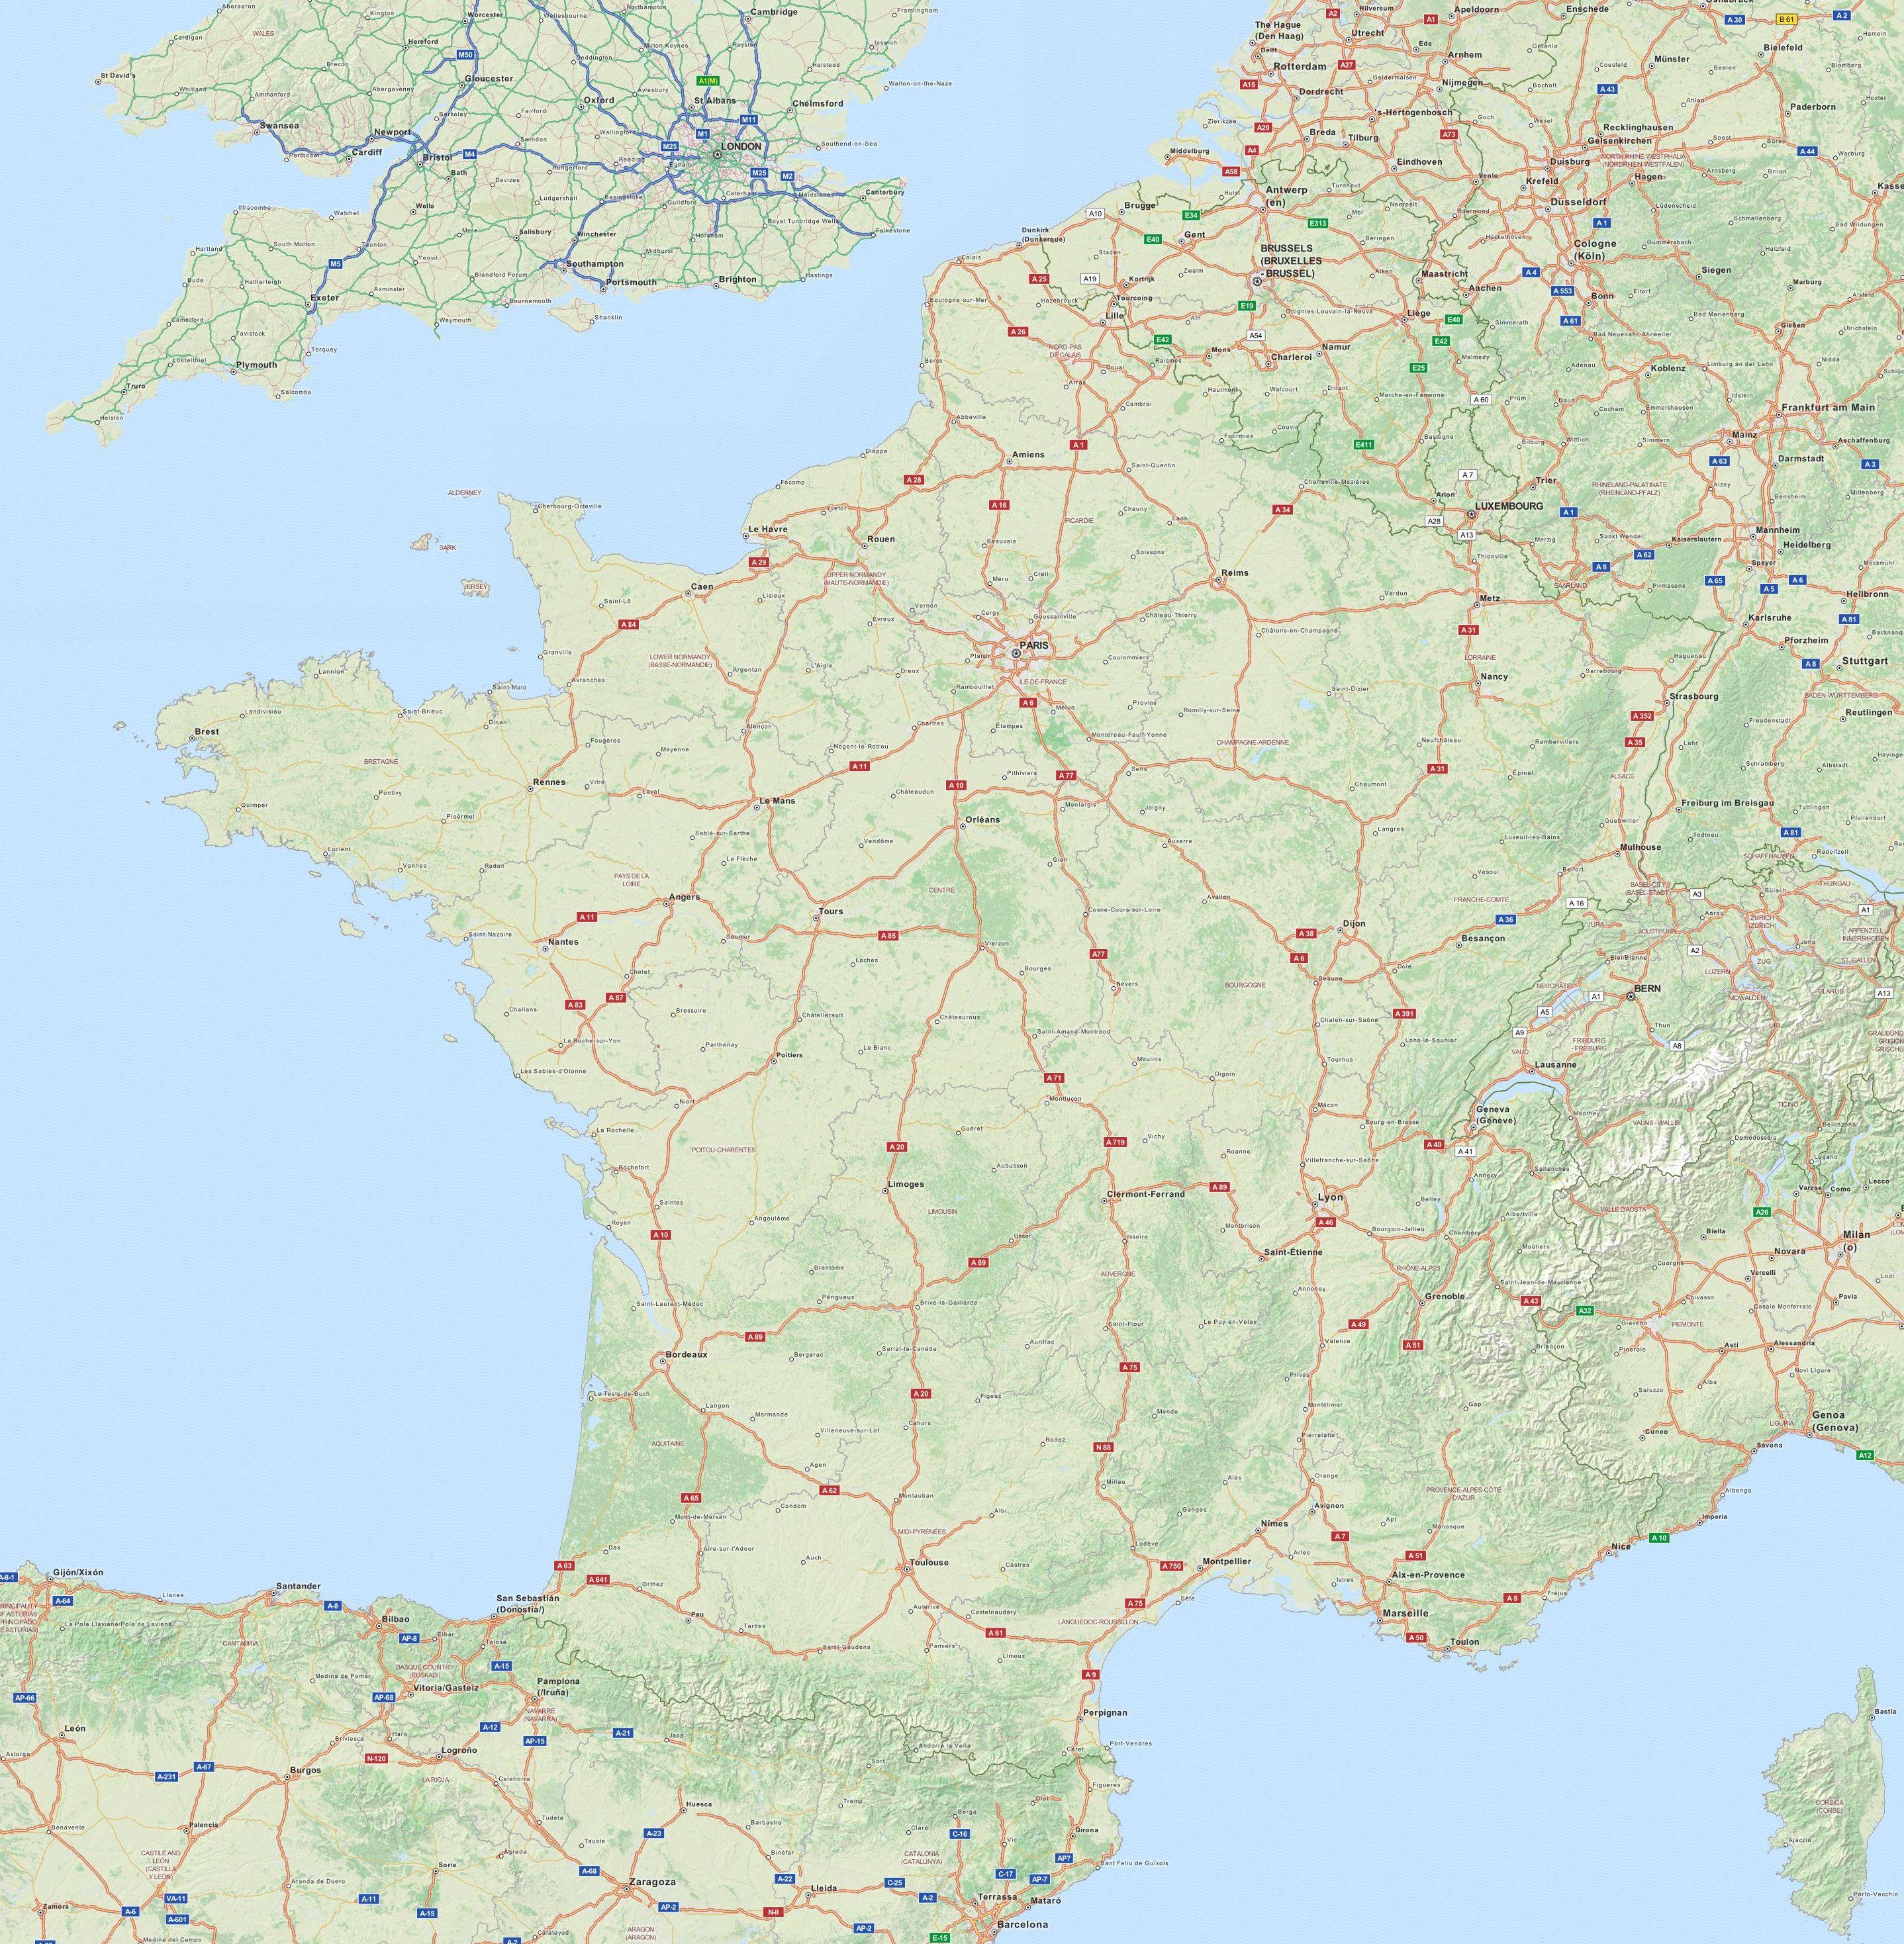 Carte Routiere De France Grand Format Carte Routiere De France